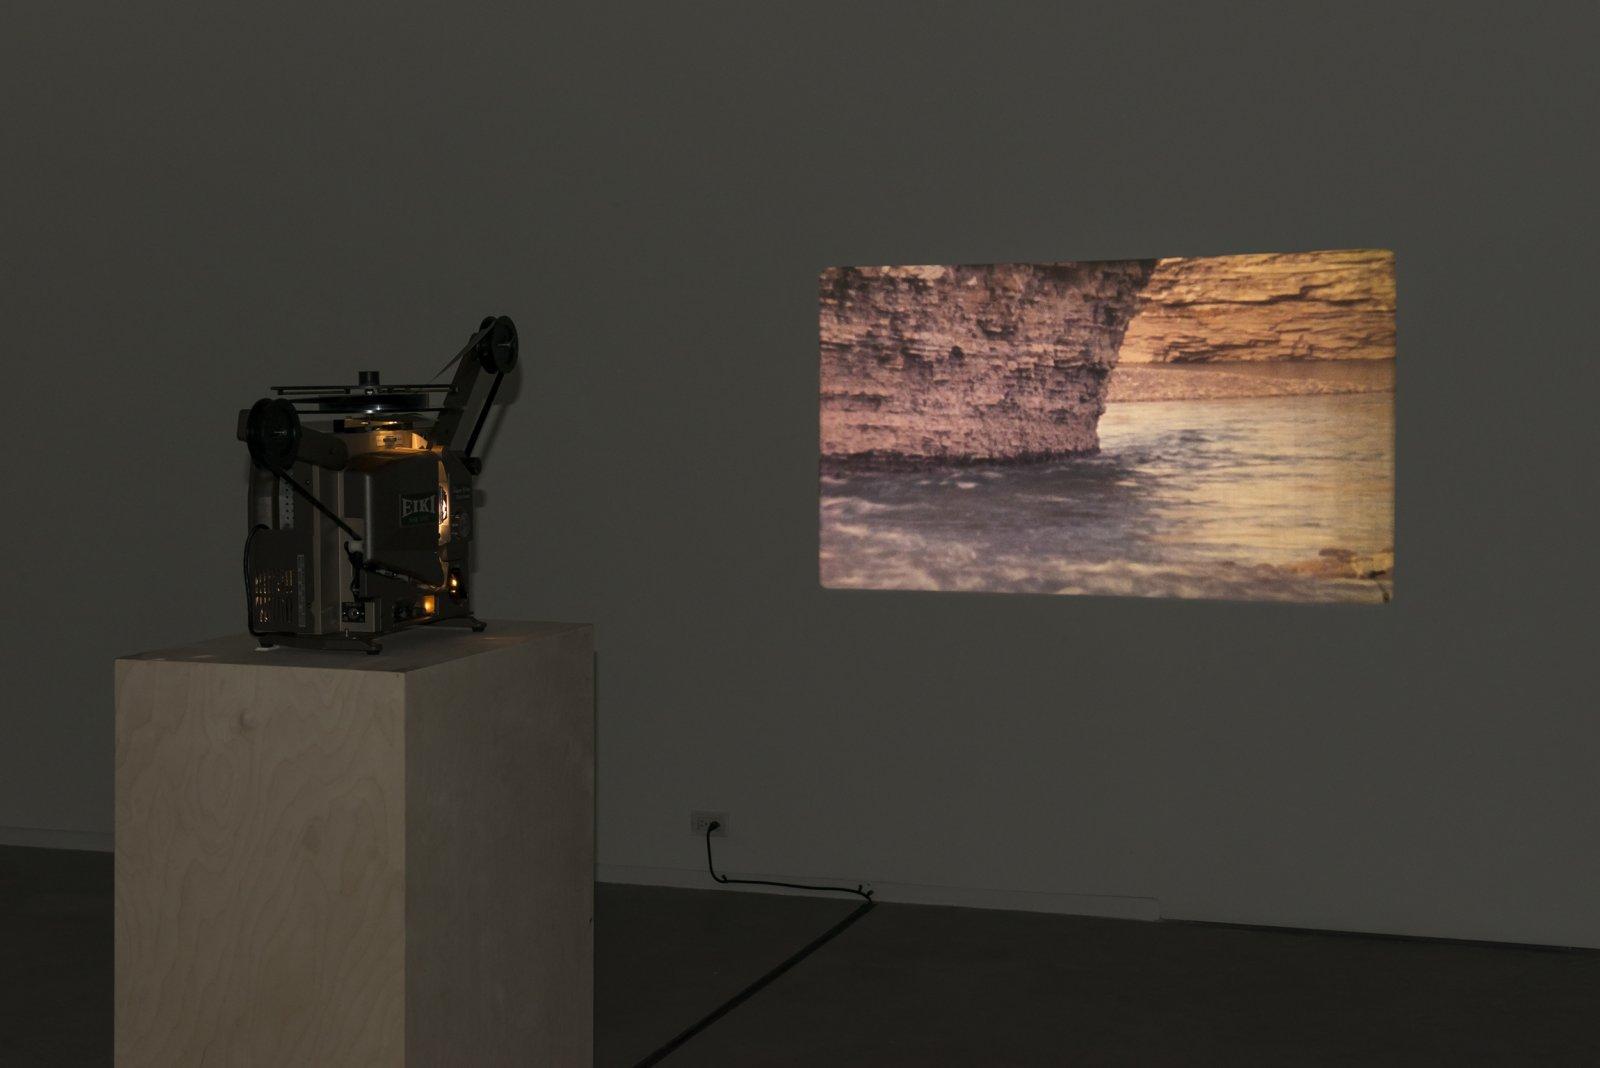 Brian Jungen and Duane Linklater, Stalker, 2013, super 16 mm film loop on projector, 2 minutes, 54 seconds